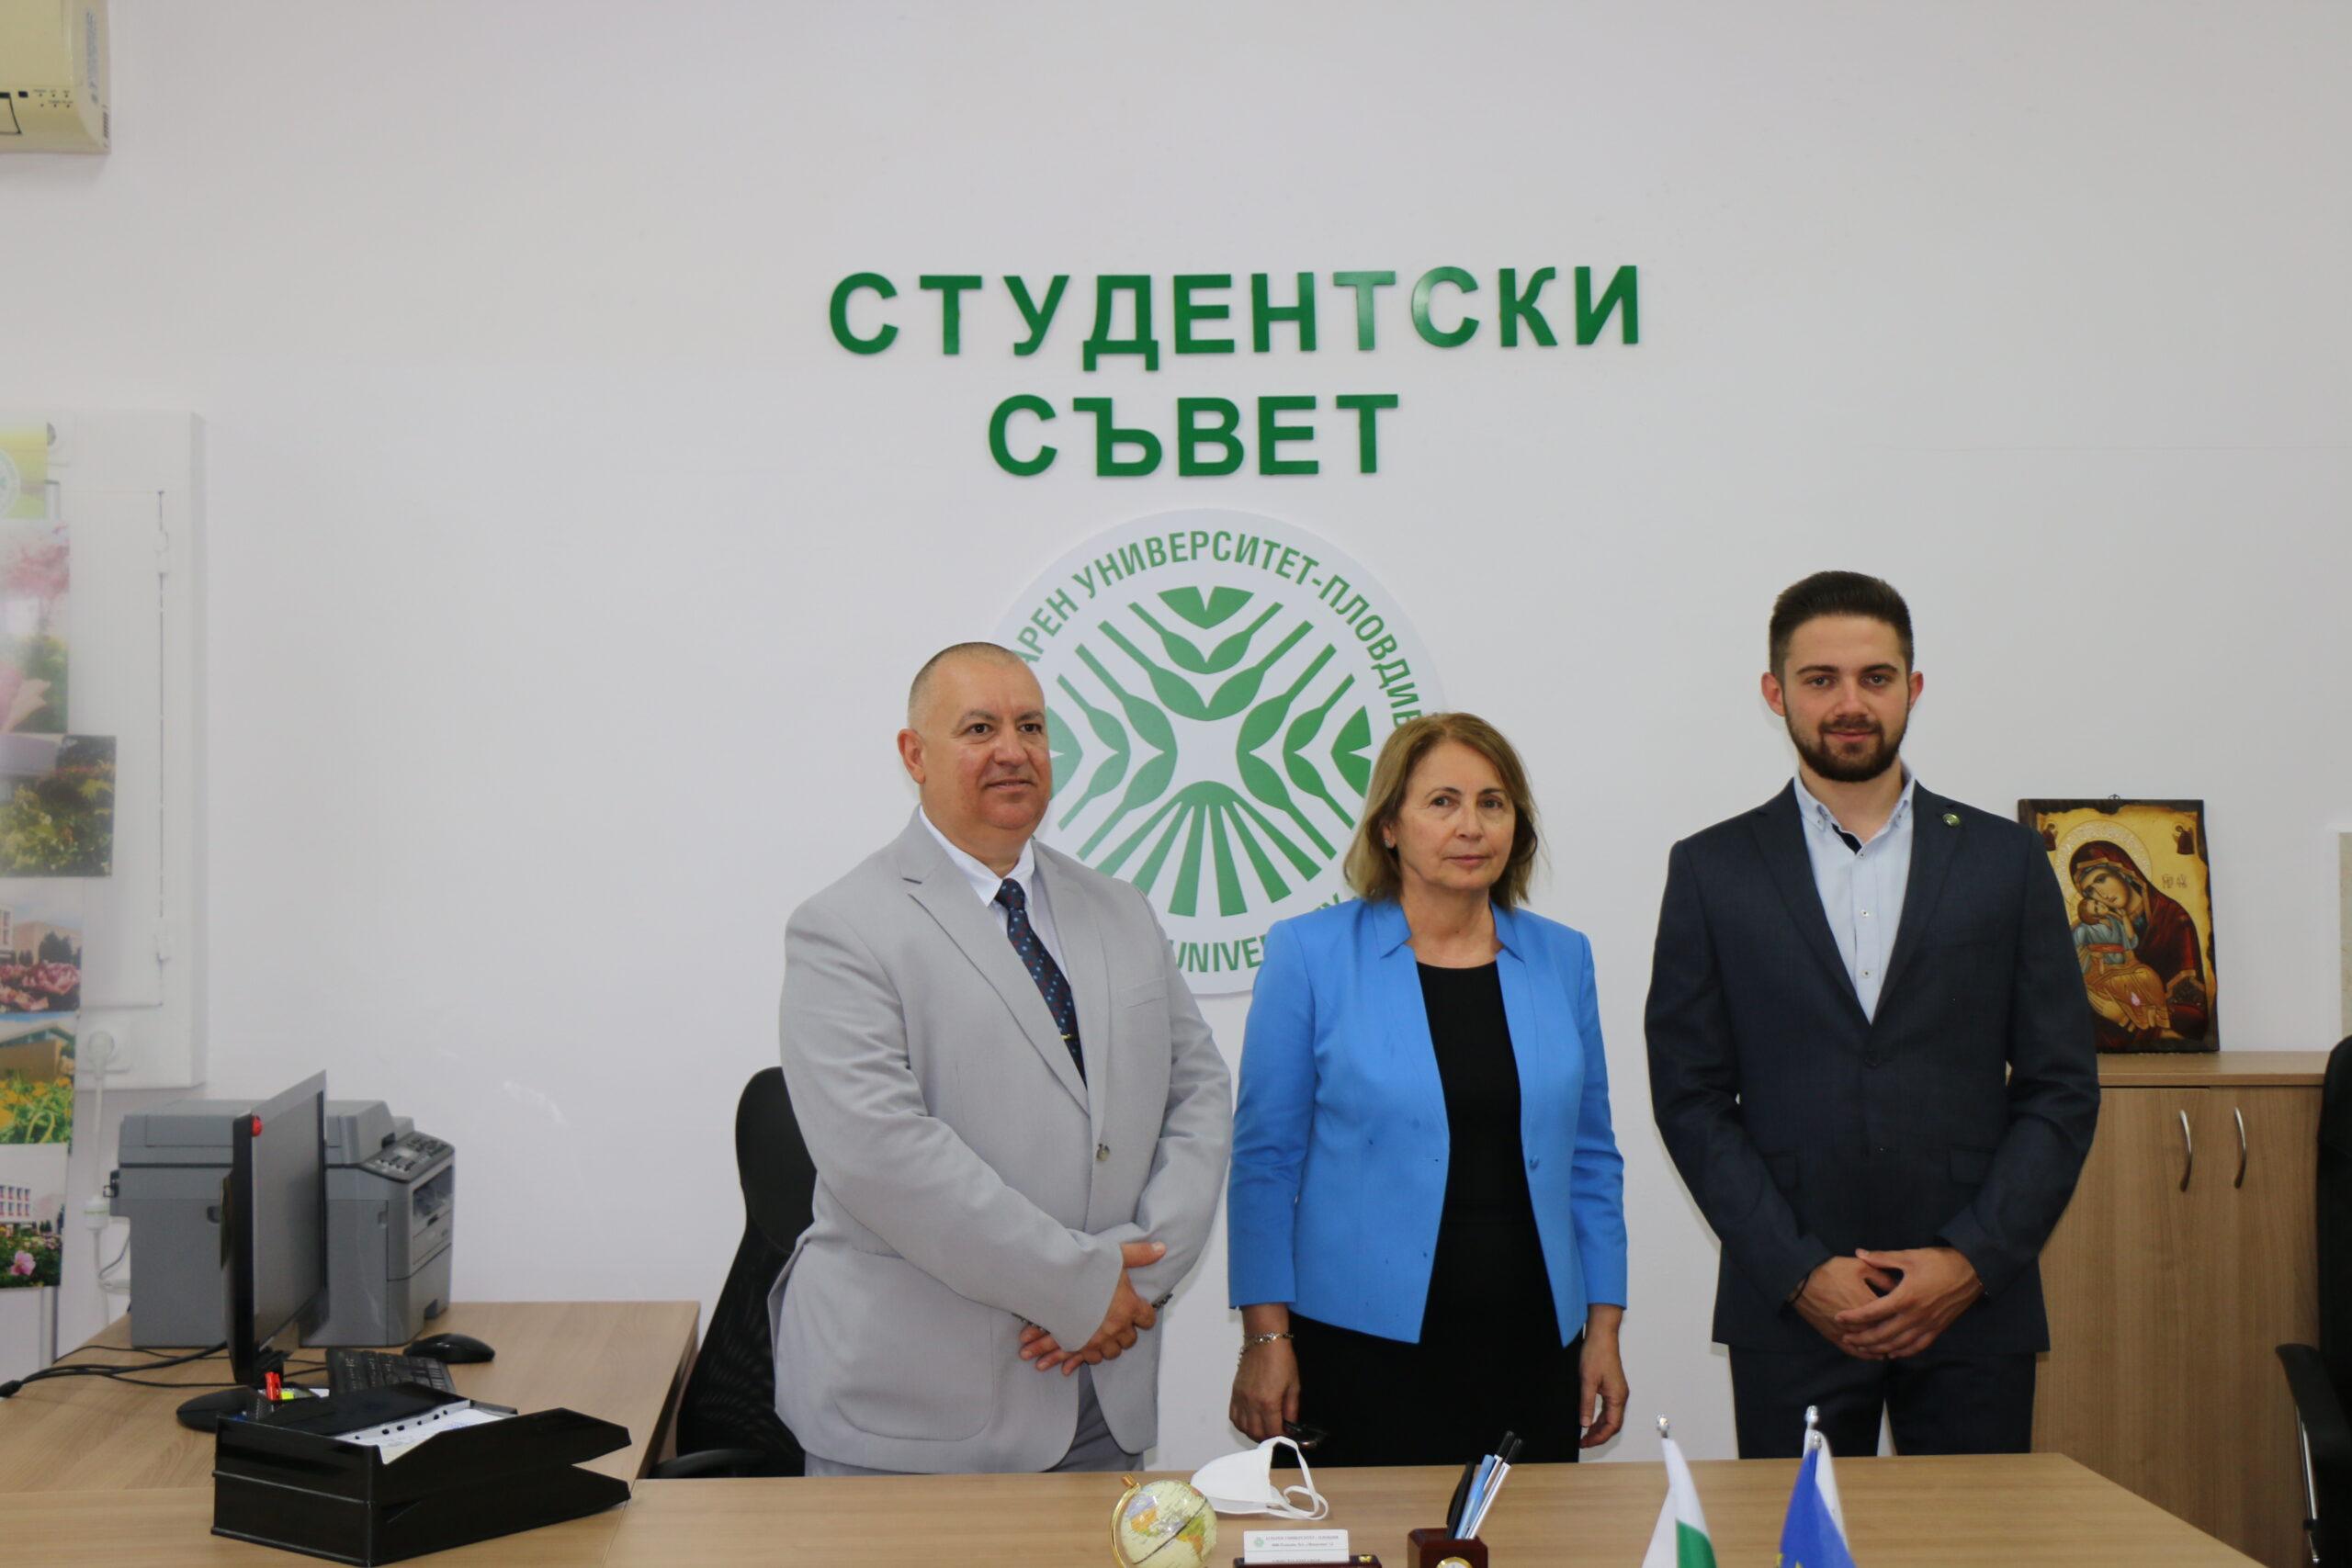 Студентски съвет при Аграрен университет – Пловдив официално откри своя нов кабинет